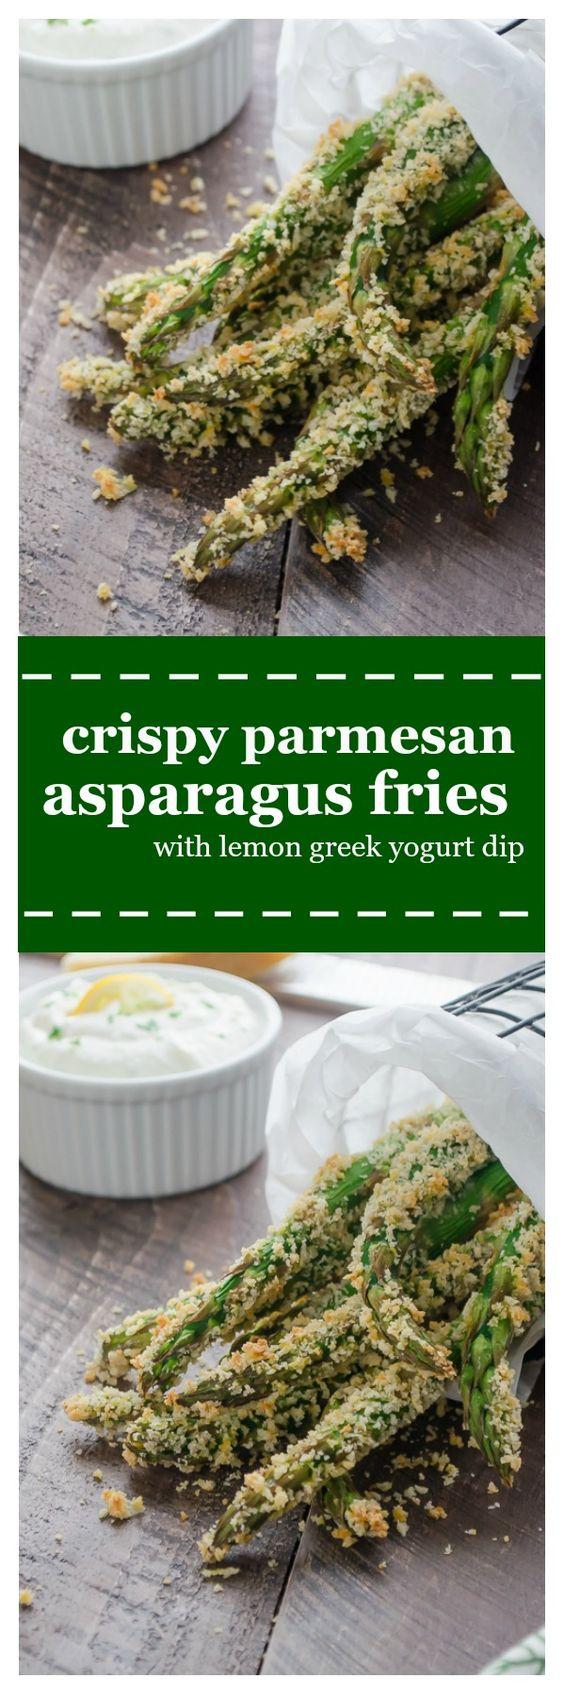 Parmesan Asparagus Fries with Lemon Greek Yogurt Dip are asparagus ...